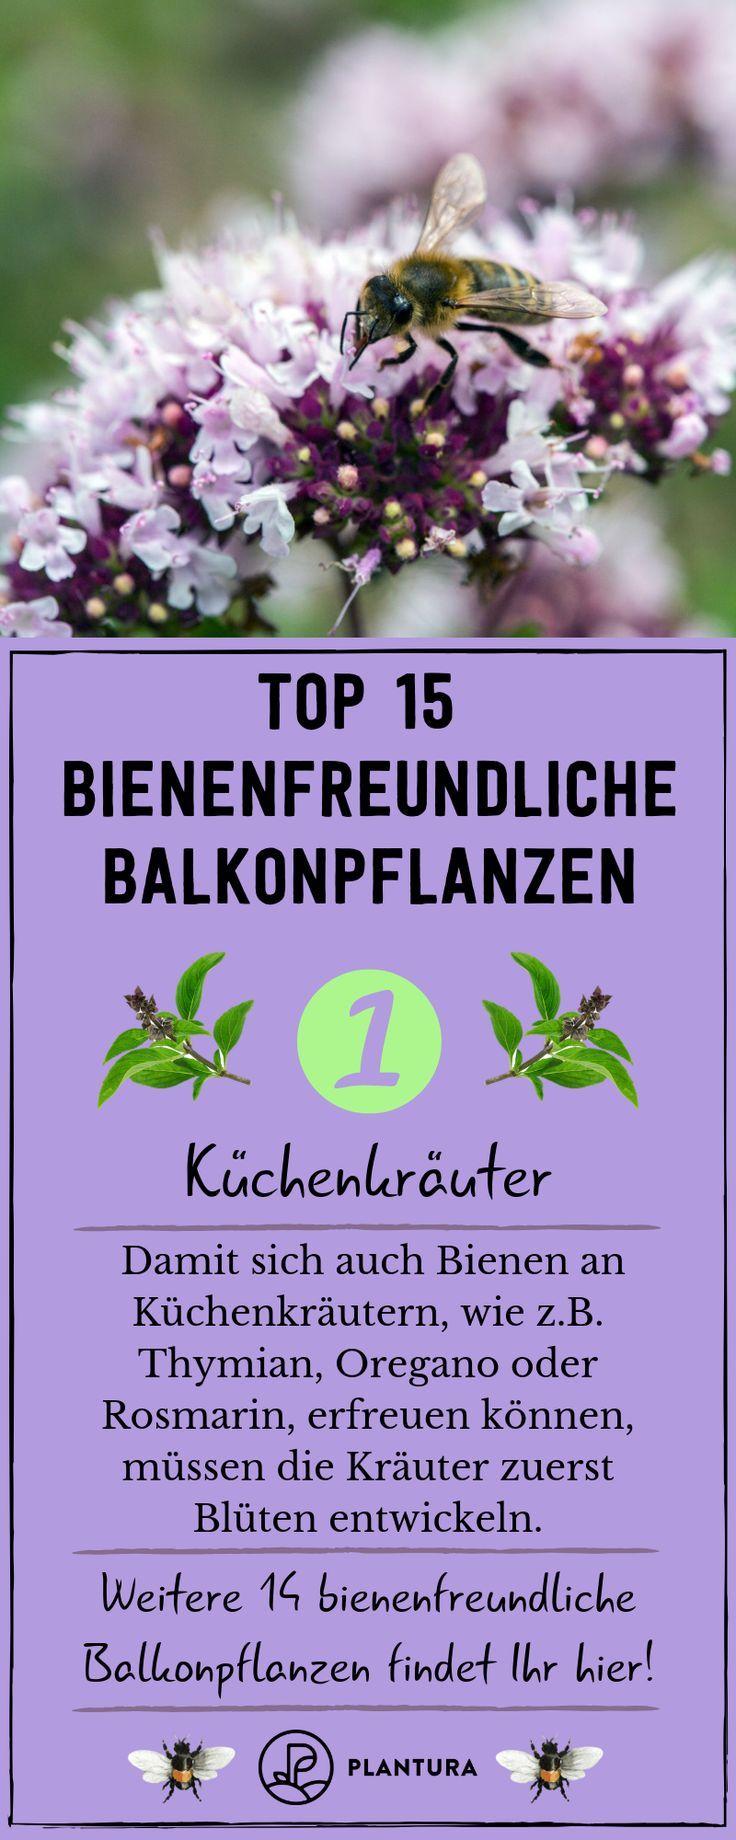 Bienenfreundliche Balkonpflanzen: 15 Balkonpflanzen für Bienen - Plantura